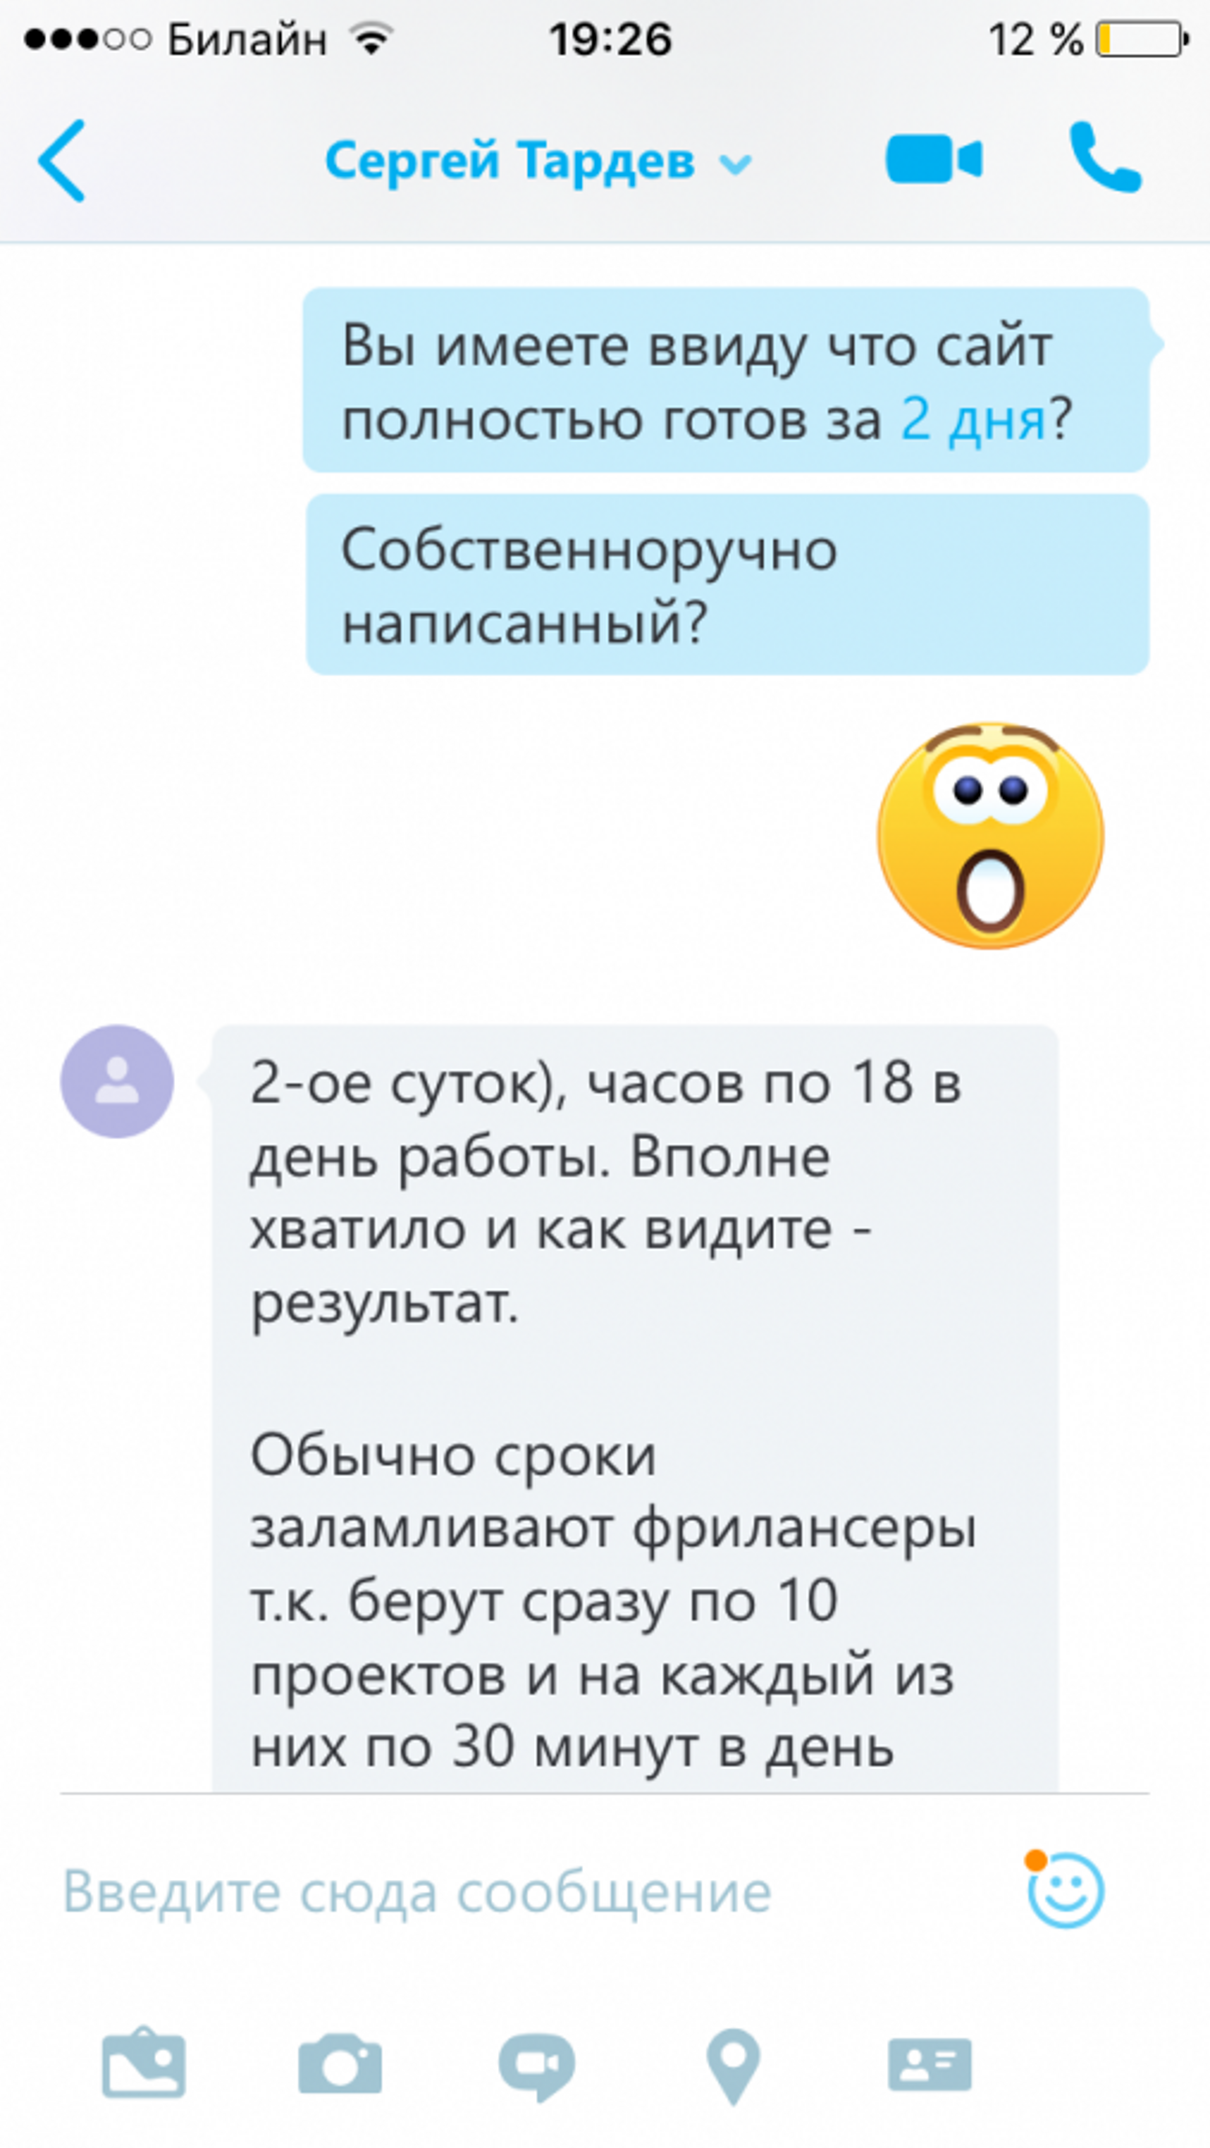 Жалоба-отзыв: Сергей Тардев - Мошенник по созданию сайтов, фрилансер, номер телефона 79515473297, скайп webtardev.  Фото №3